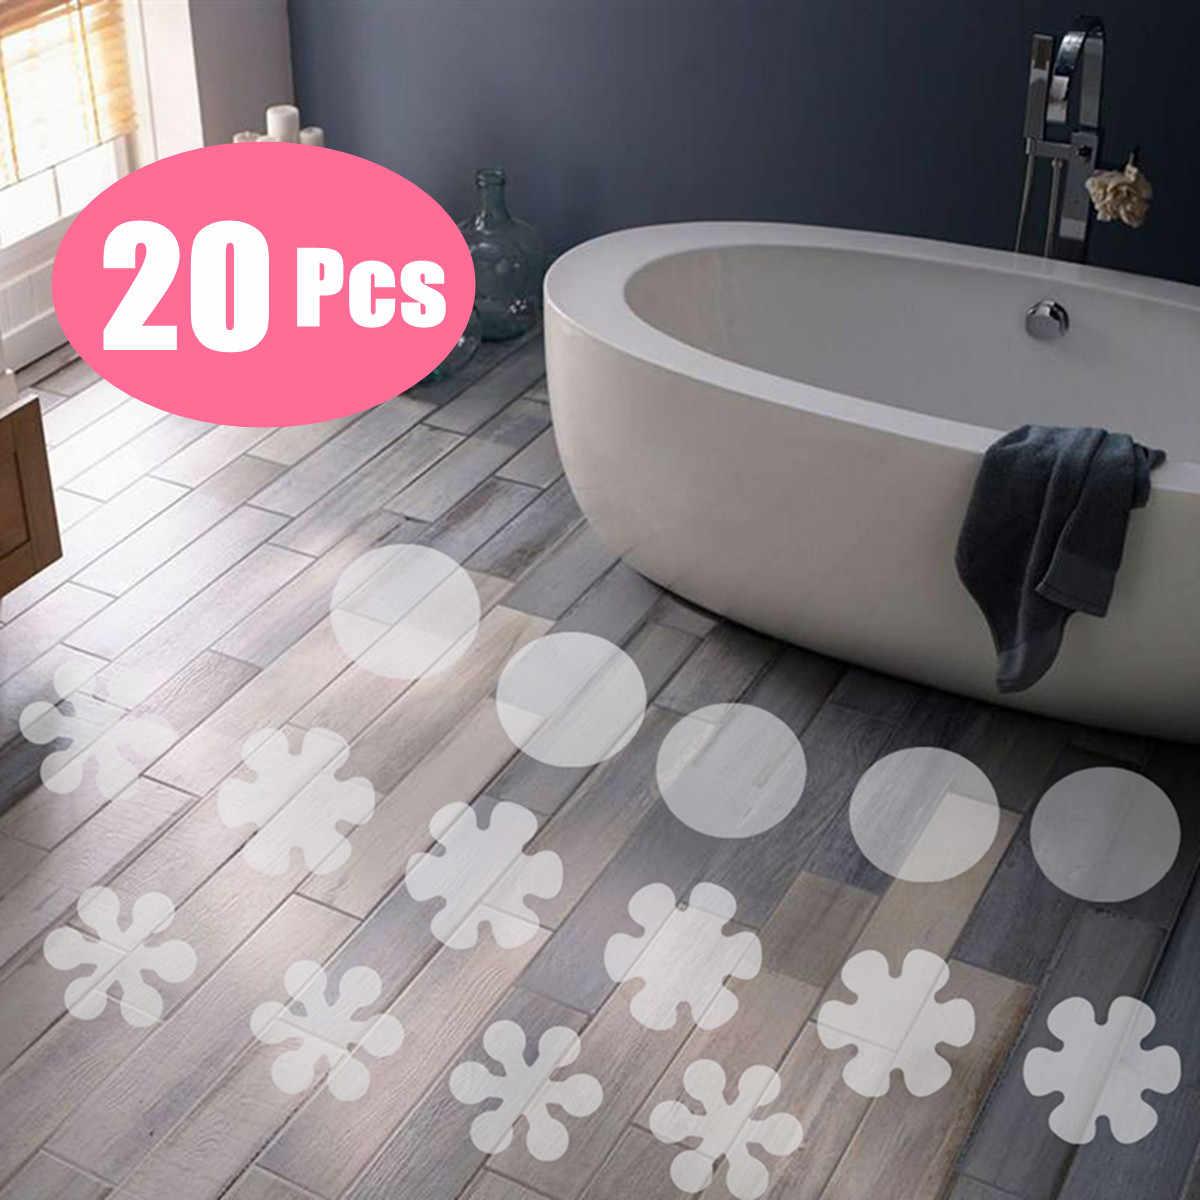 20 Non Anti Slip Bathtub Flower Stickers Tub Shower Decals Waterproof Appliques